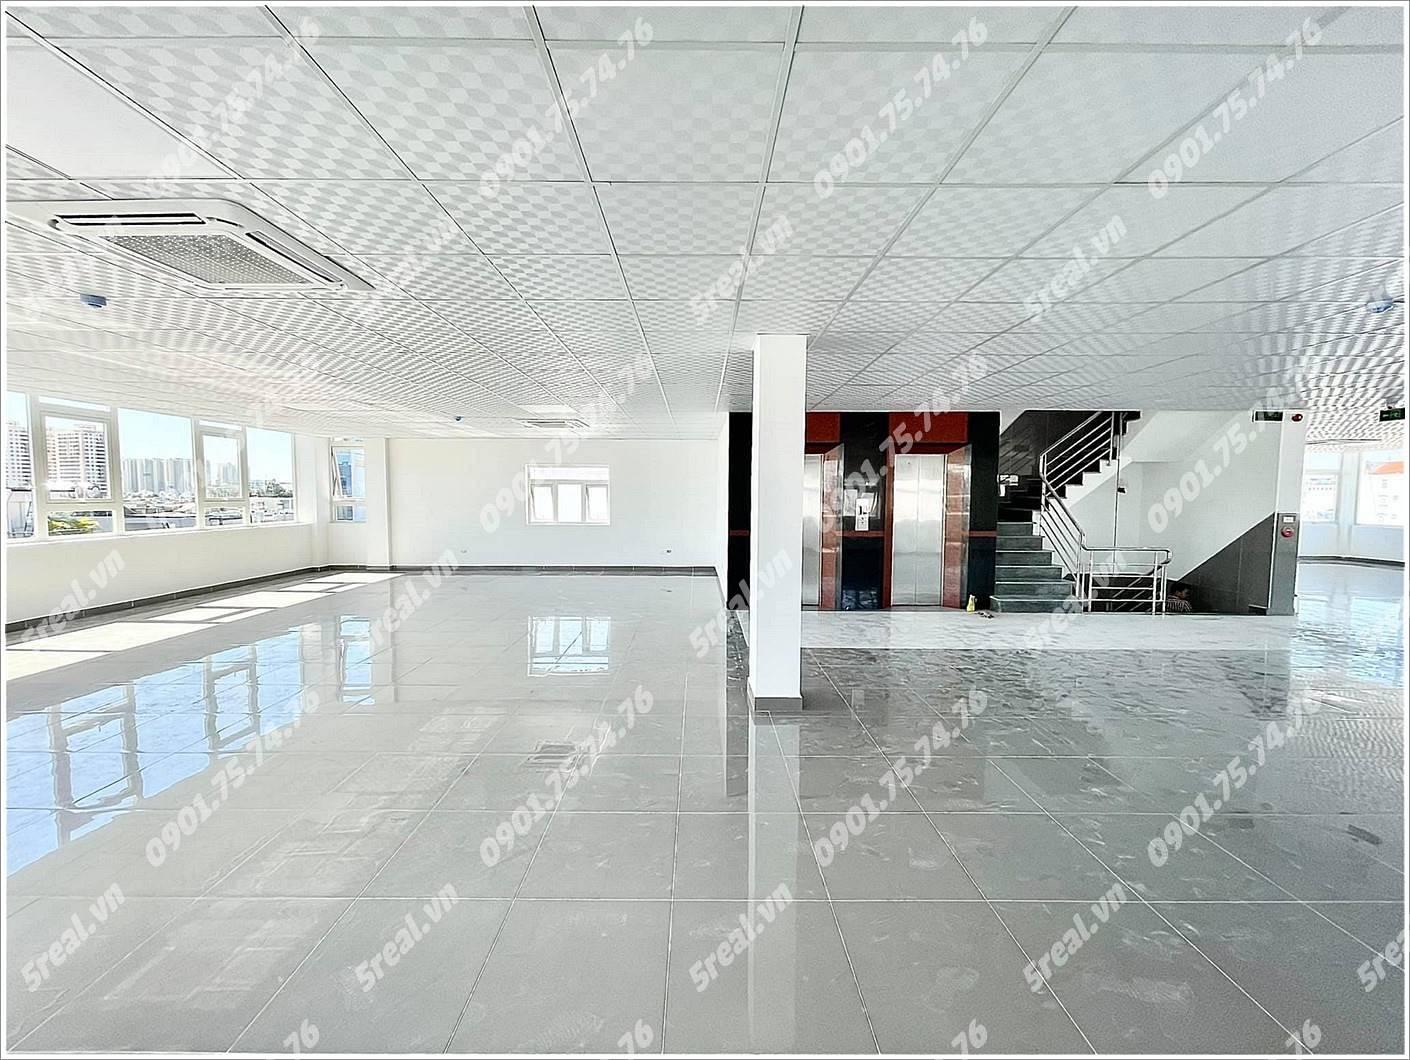 tsa-building-nguyen-dinh-chinh-quan-phu-nhuan-van-phong-cho-thue-tphcm-5real.vn-07